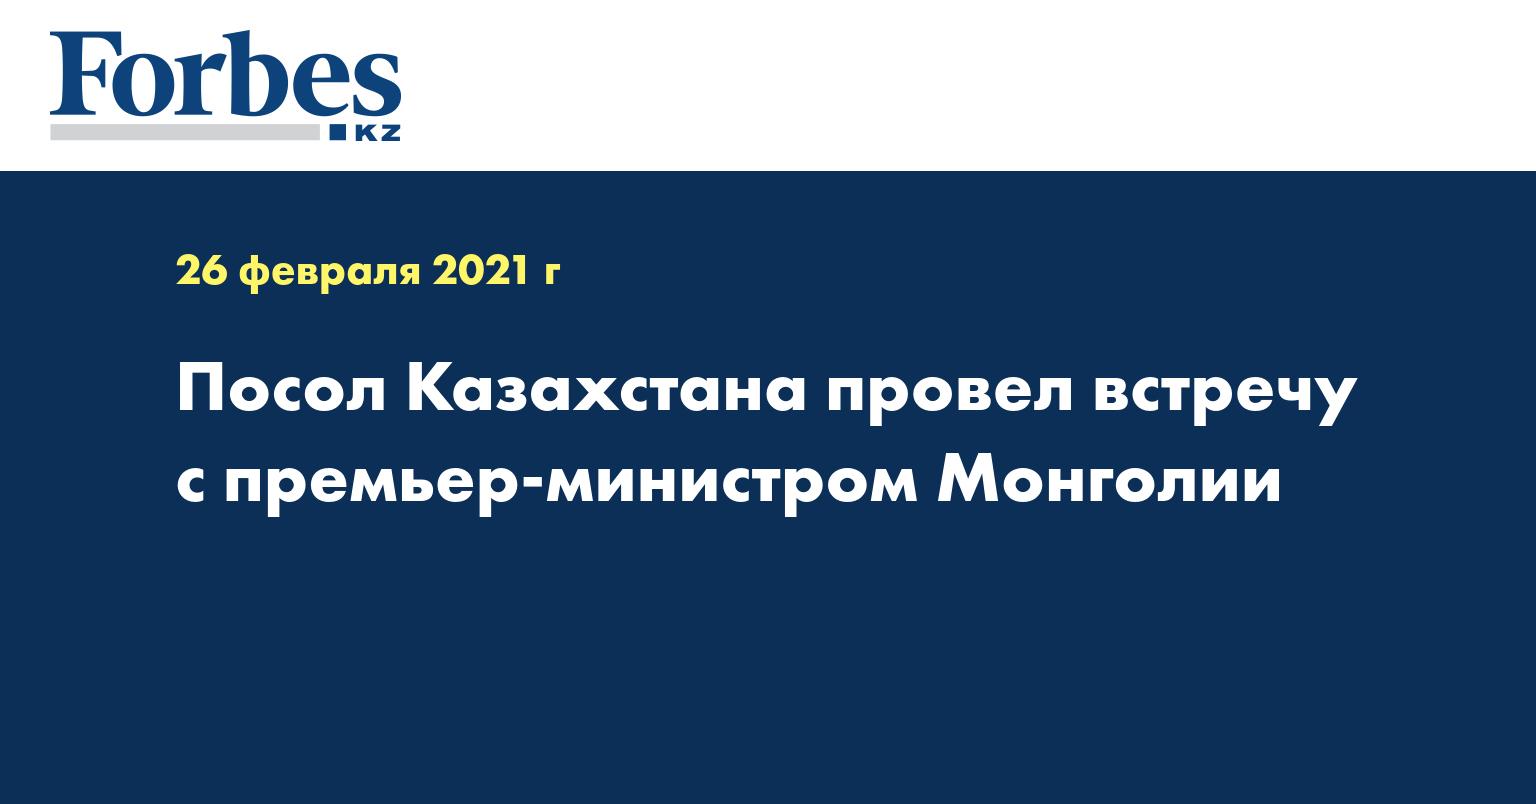 Посол Казахстана провел встречу с премьер-министром Монголии